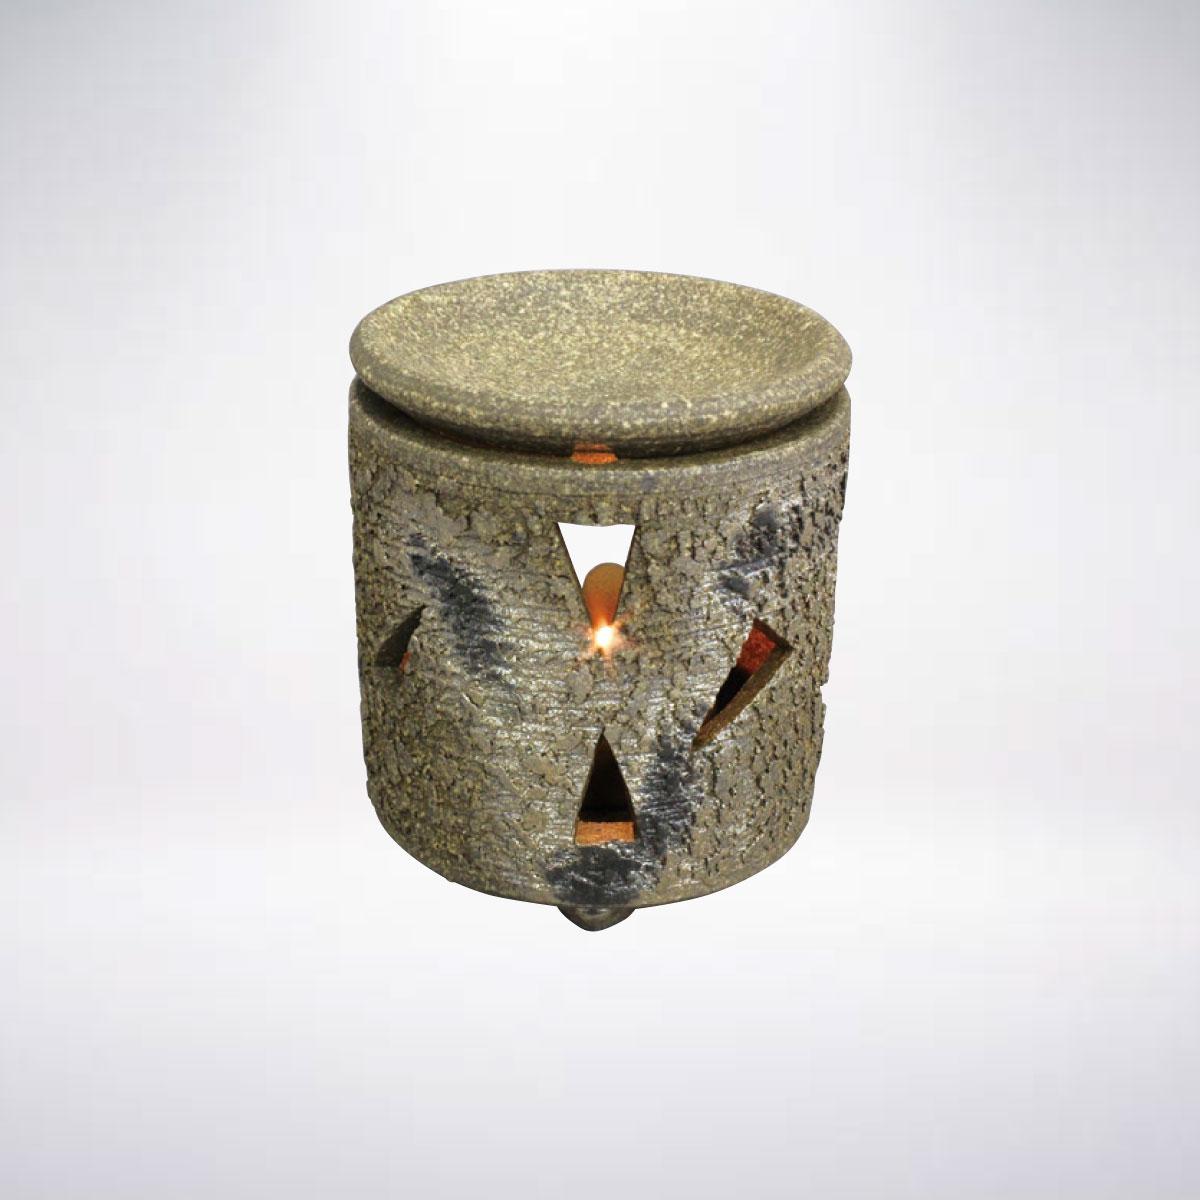 消臭 脱臭 効果あり間接照明としてのインテリアに 常滑焼 ロウソクタイプ茶香炉 アロマ 香料 上質 癒し インテリア 茶葉 お気に入り リラックス リラクゼーション 間接照明 陶器 雑貨